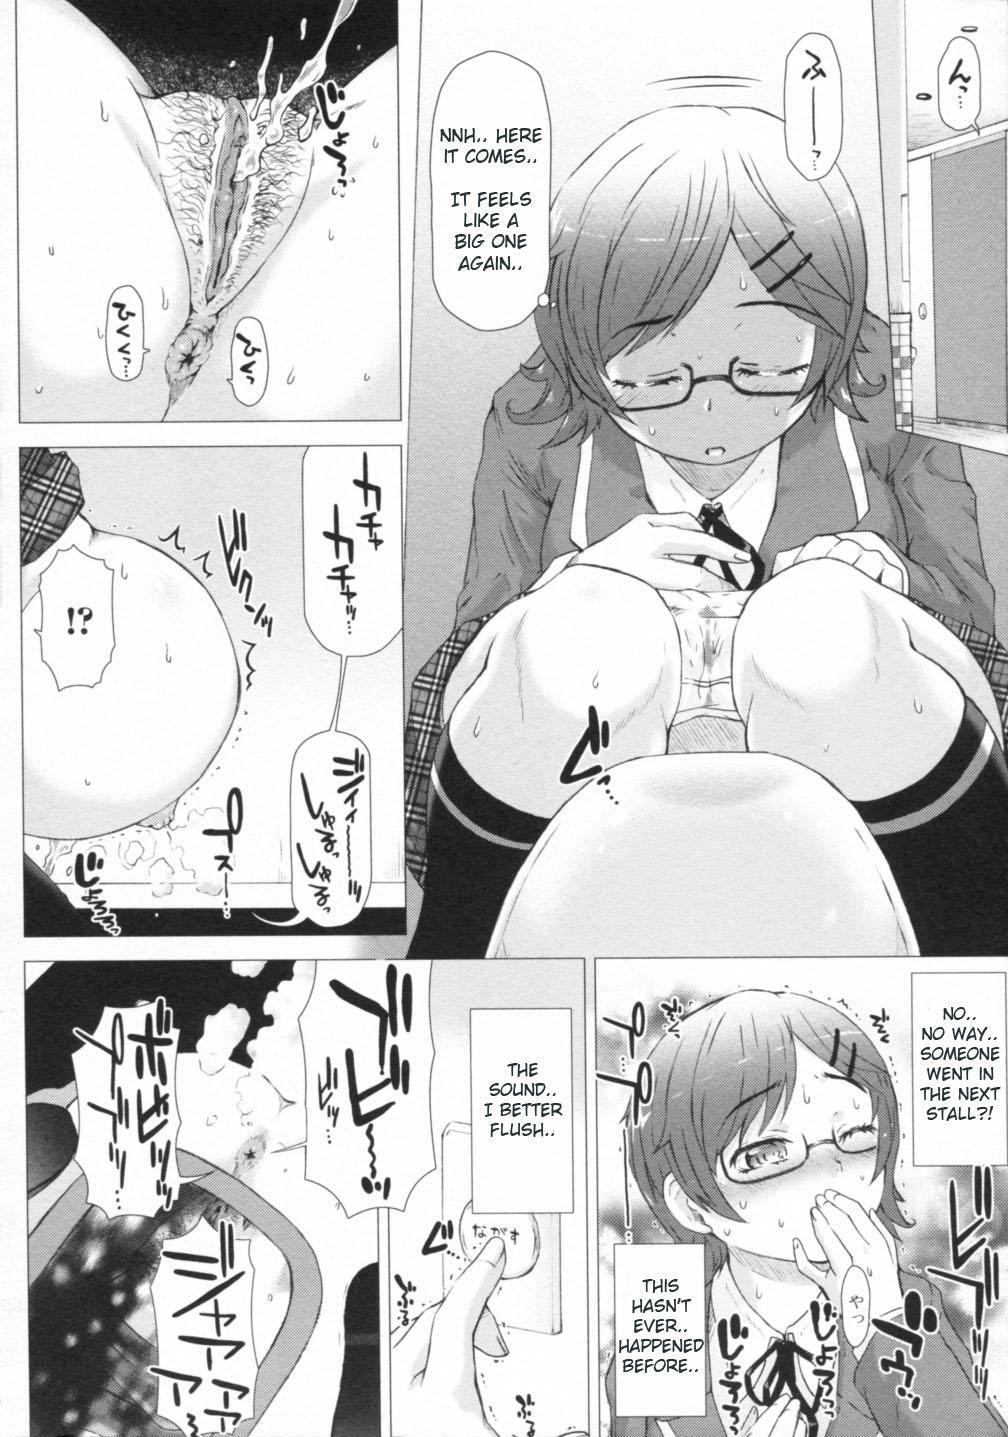 [Anthology] Do Not Peep 2 (Nozoite wa Ikenai 2) Ch. 1-4 [English] [Chocolate] 7